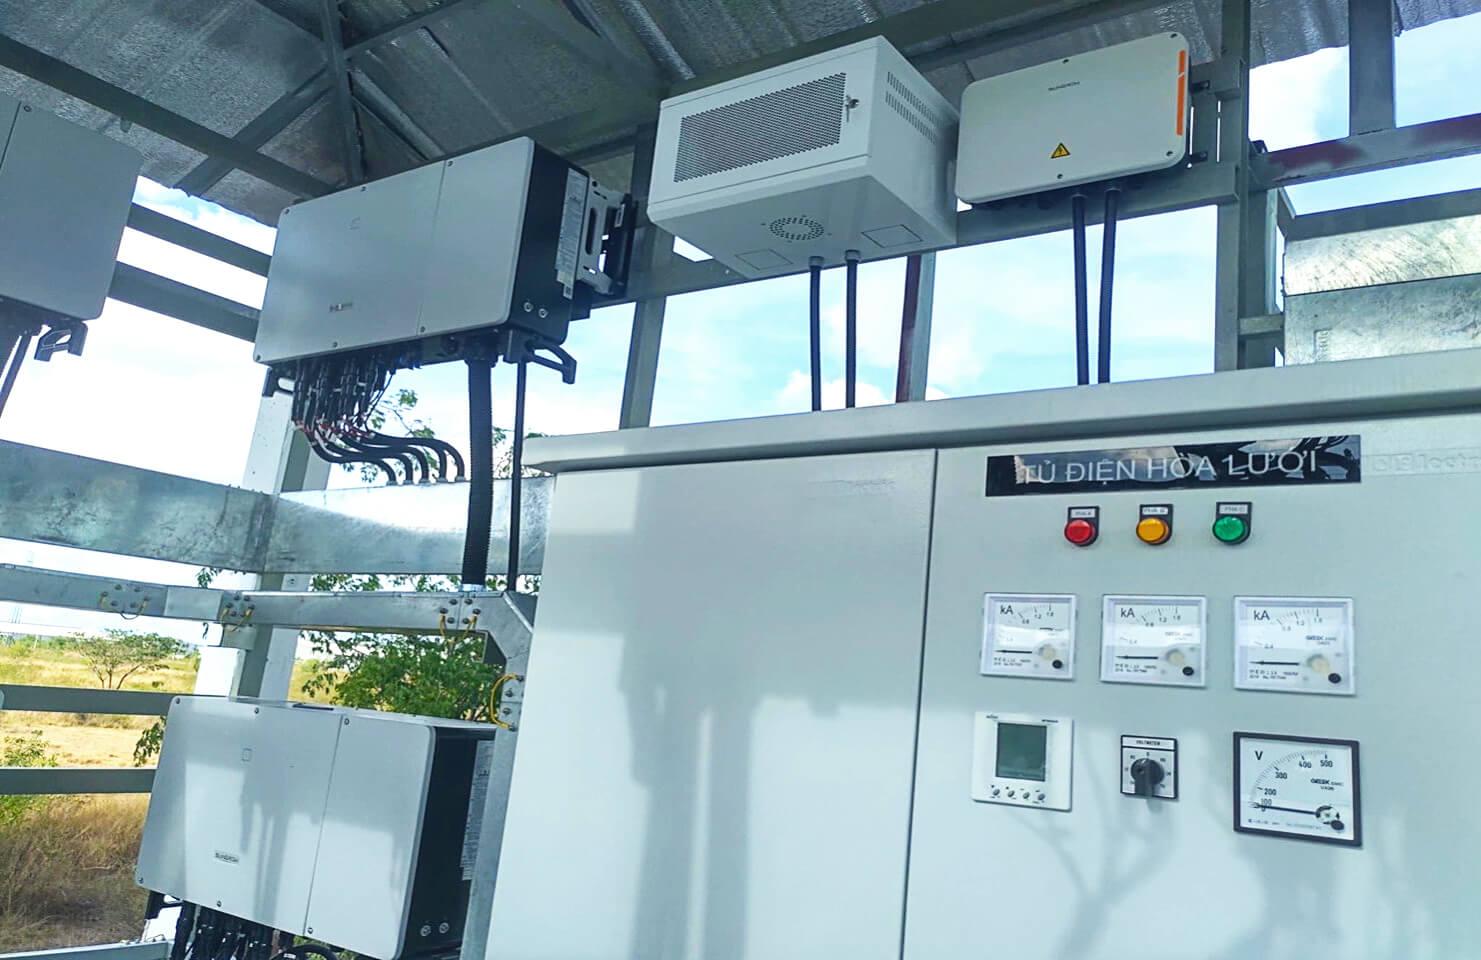 Cung cấp hệ thống tủ điện và thang máng cáp cho nhà máy SENDO